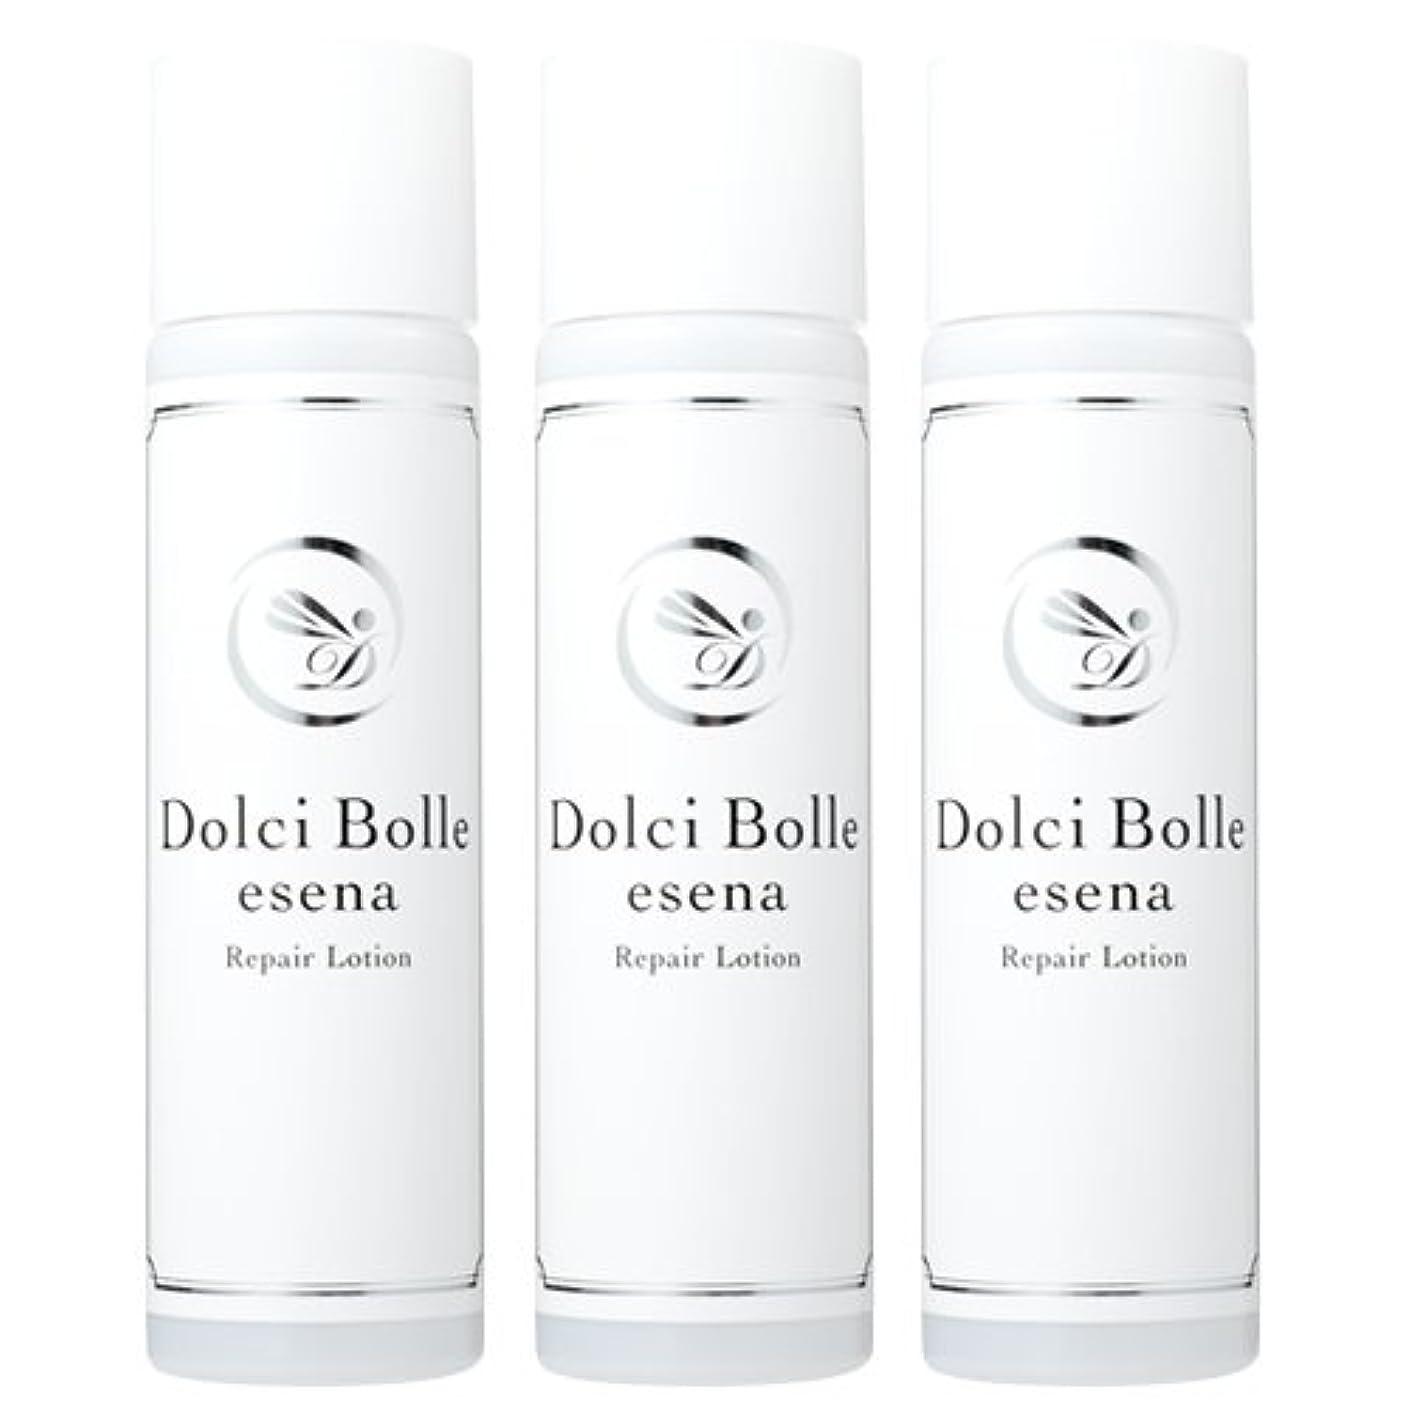 マーティフィールディング幻想ジャンクションDolci Bolle(ドルチボーレ) esena(エセナ) リペアローション 150ml 3本セット